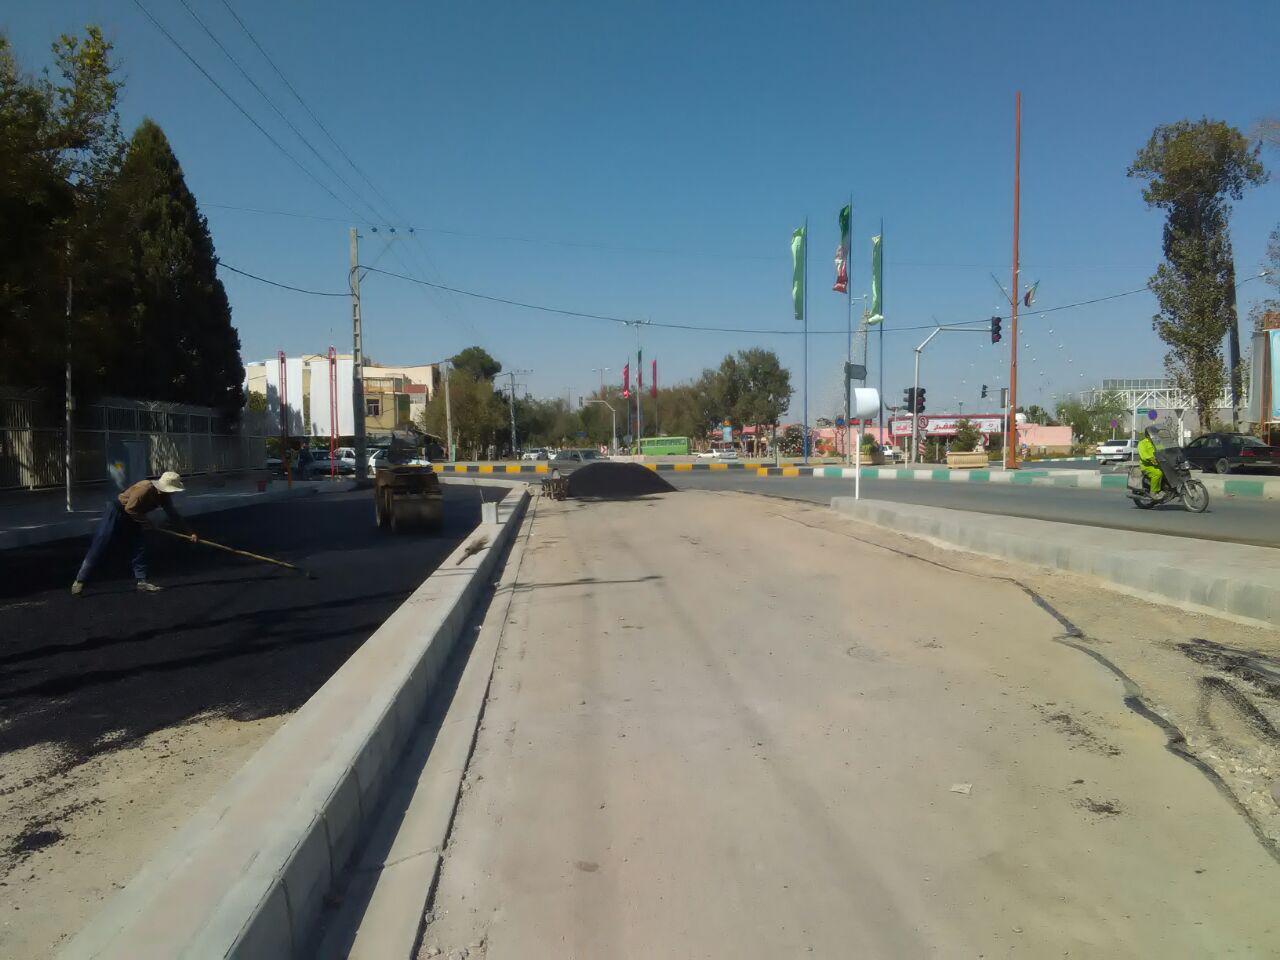 شهردار فلاورجان از اجرای کامل طرح اصلاح هندسی ورودی محله انصار شهر فلاورجان خبر داد.